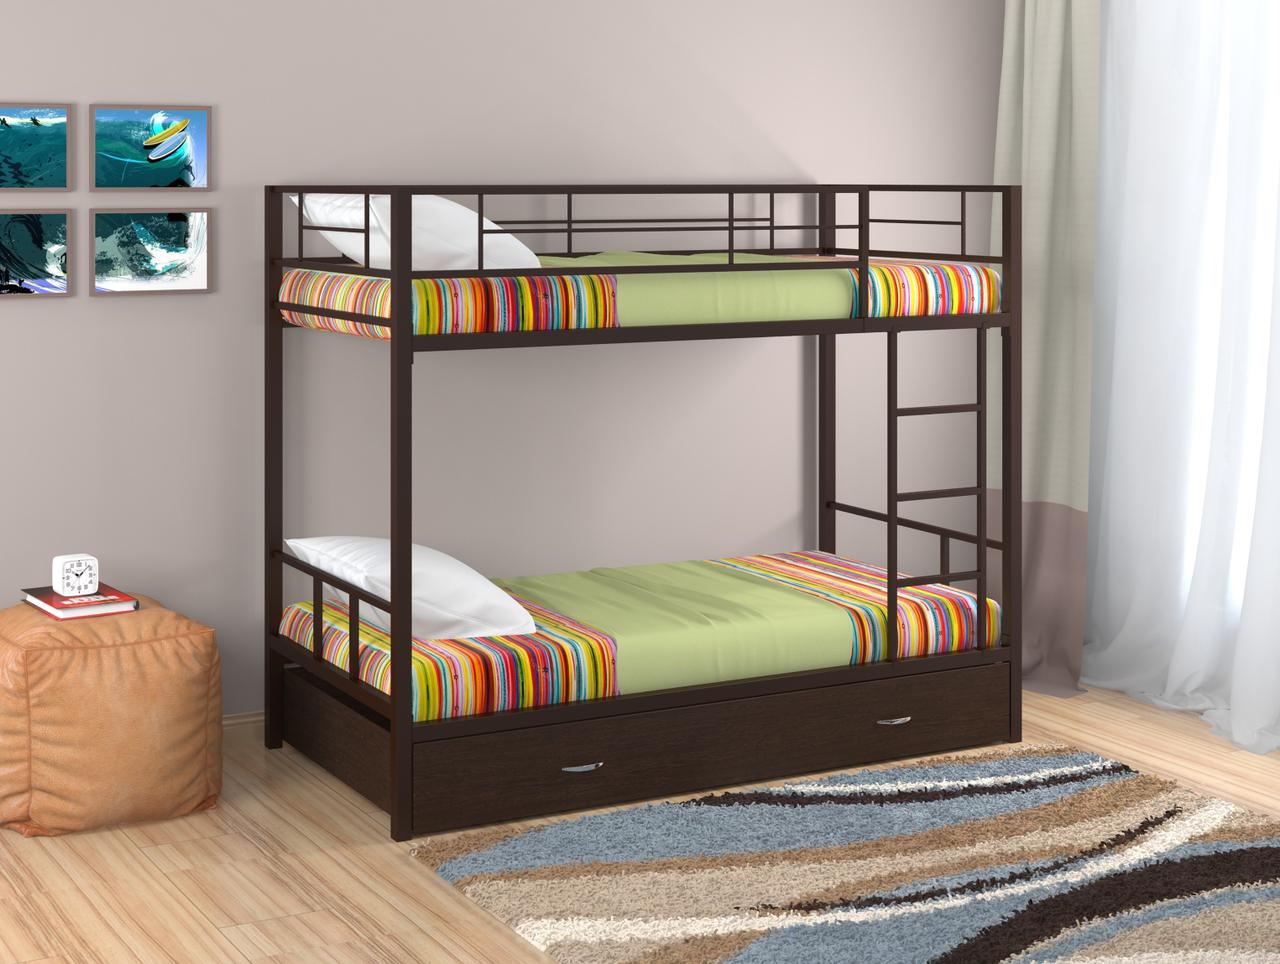 Кровать двухъярусная Севилья -2,  коричневый в комплекте ящик выкатной 900 венге